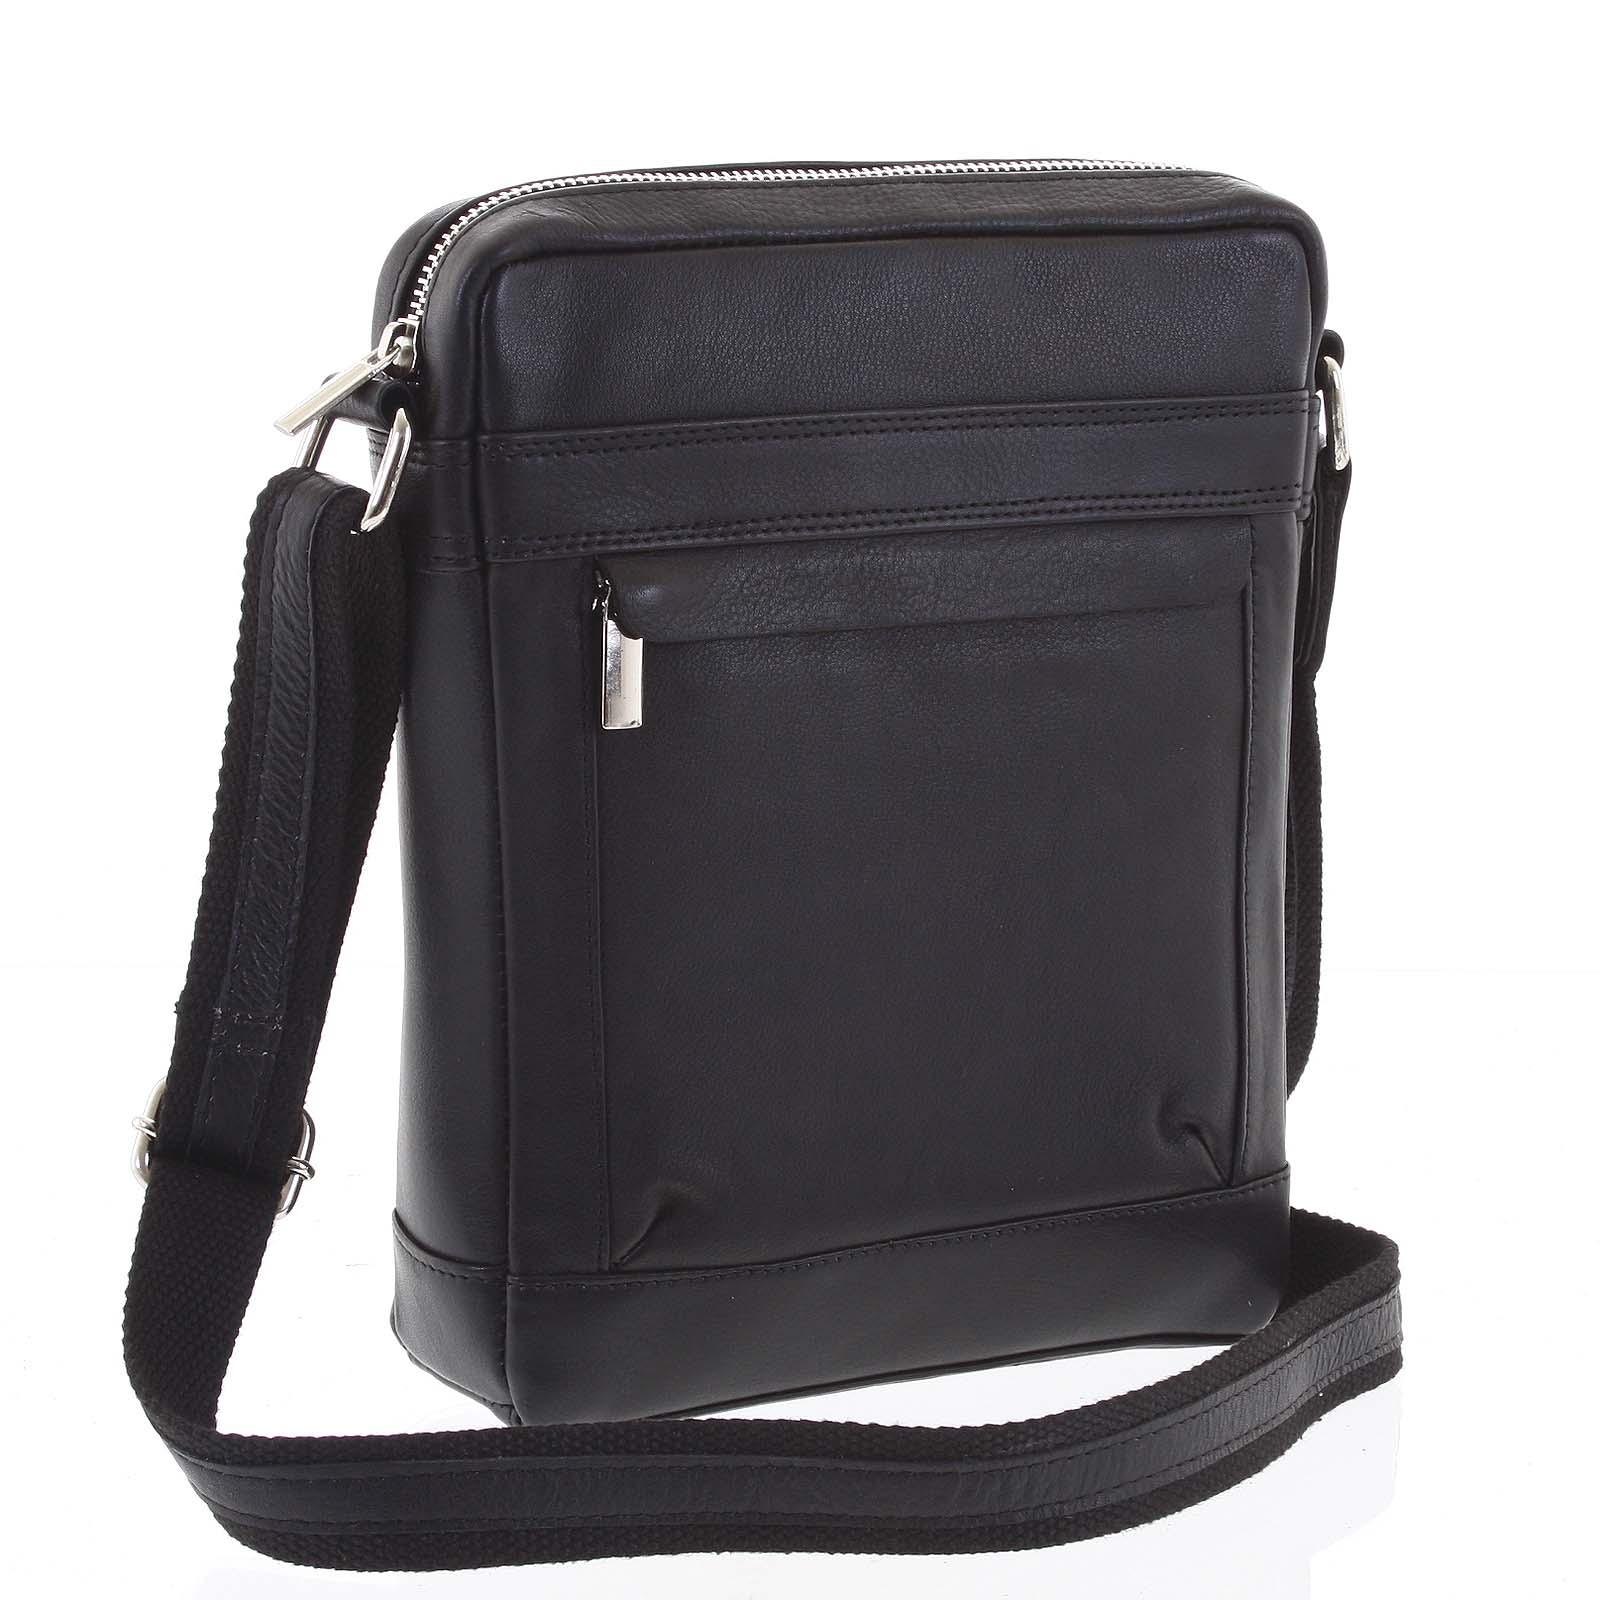 Střední pánská kožená taška na doklady černá - WILD Akane